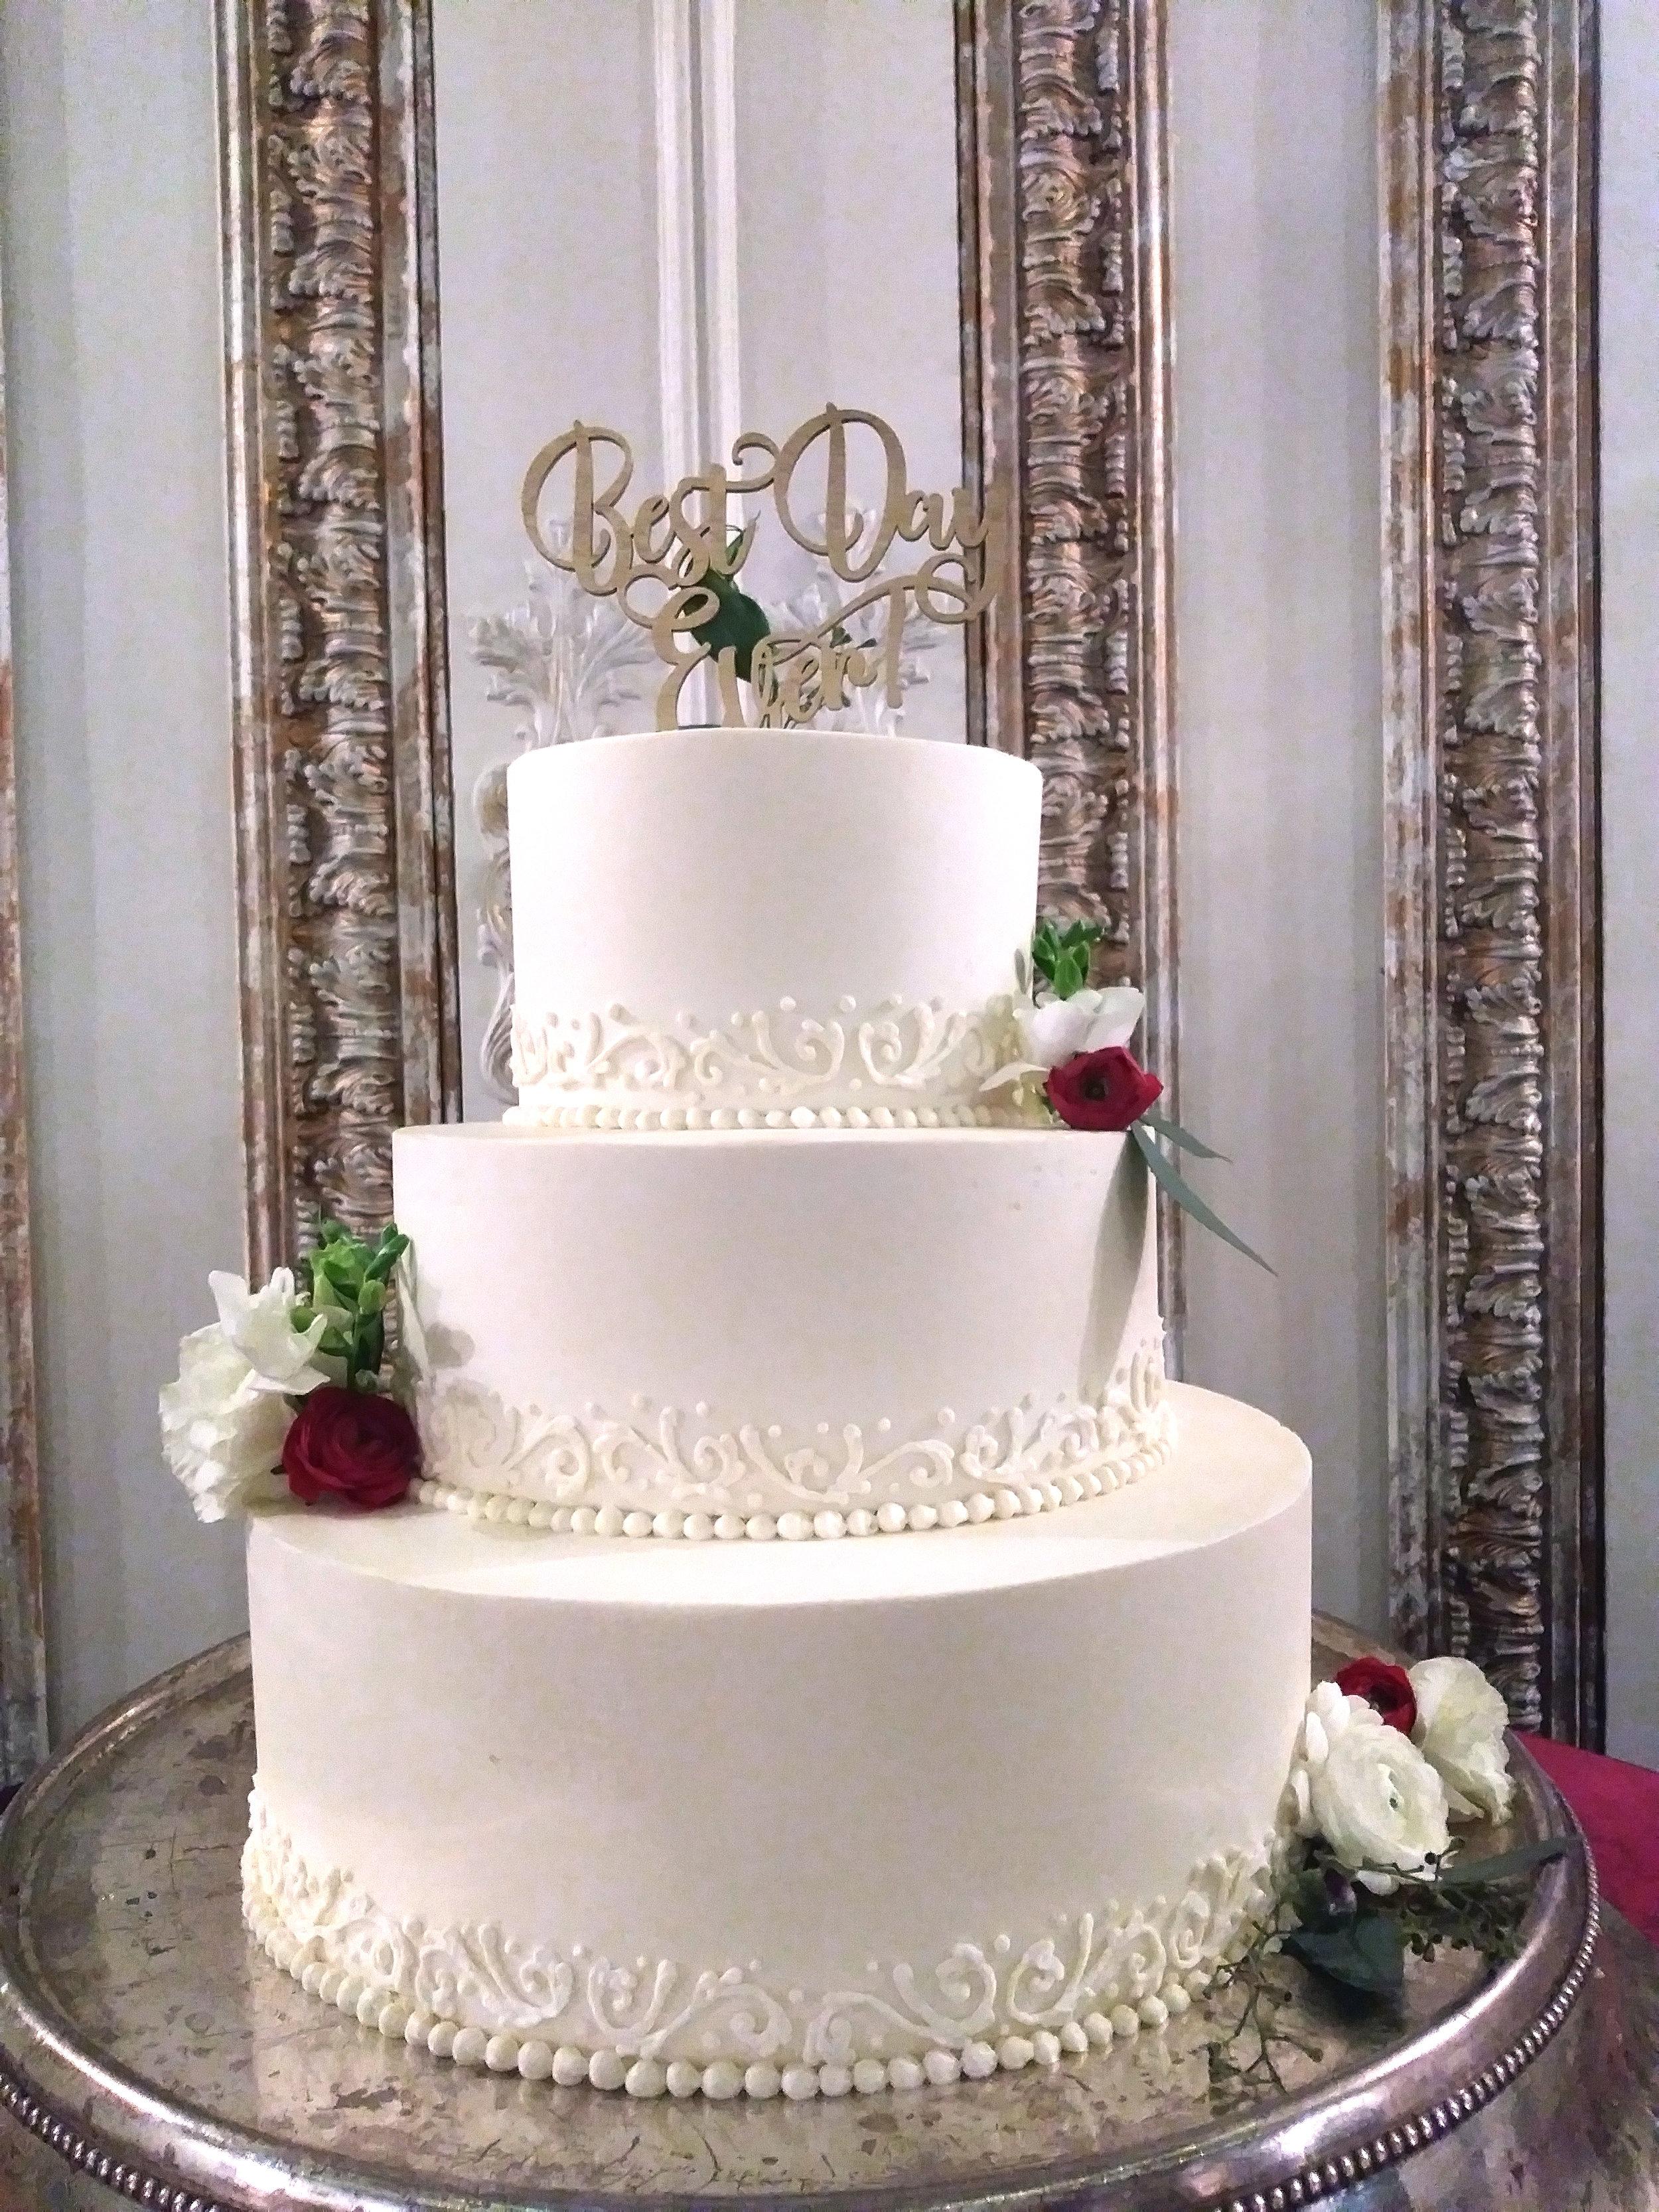 Kleven Cake Filligrees_edit.jpg